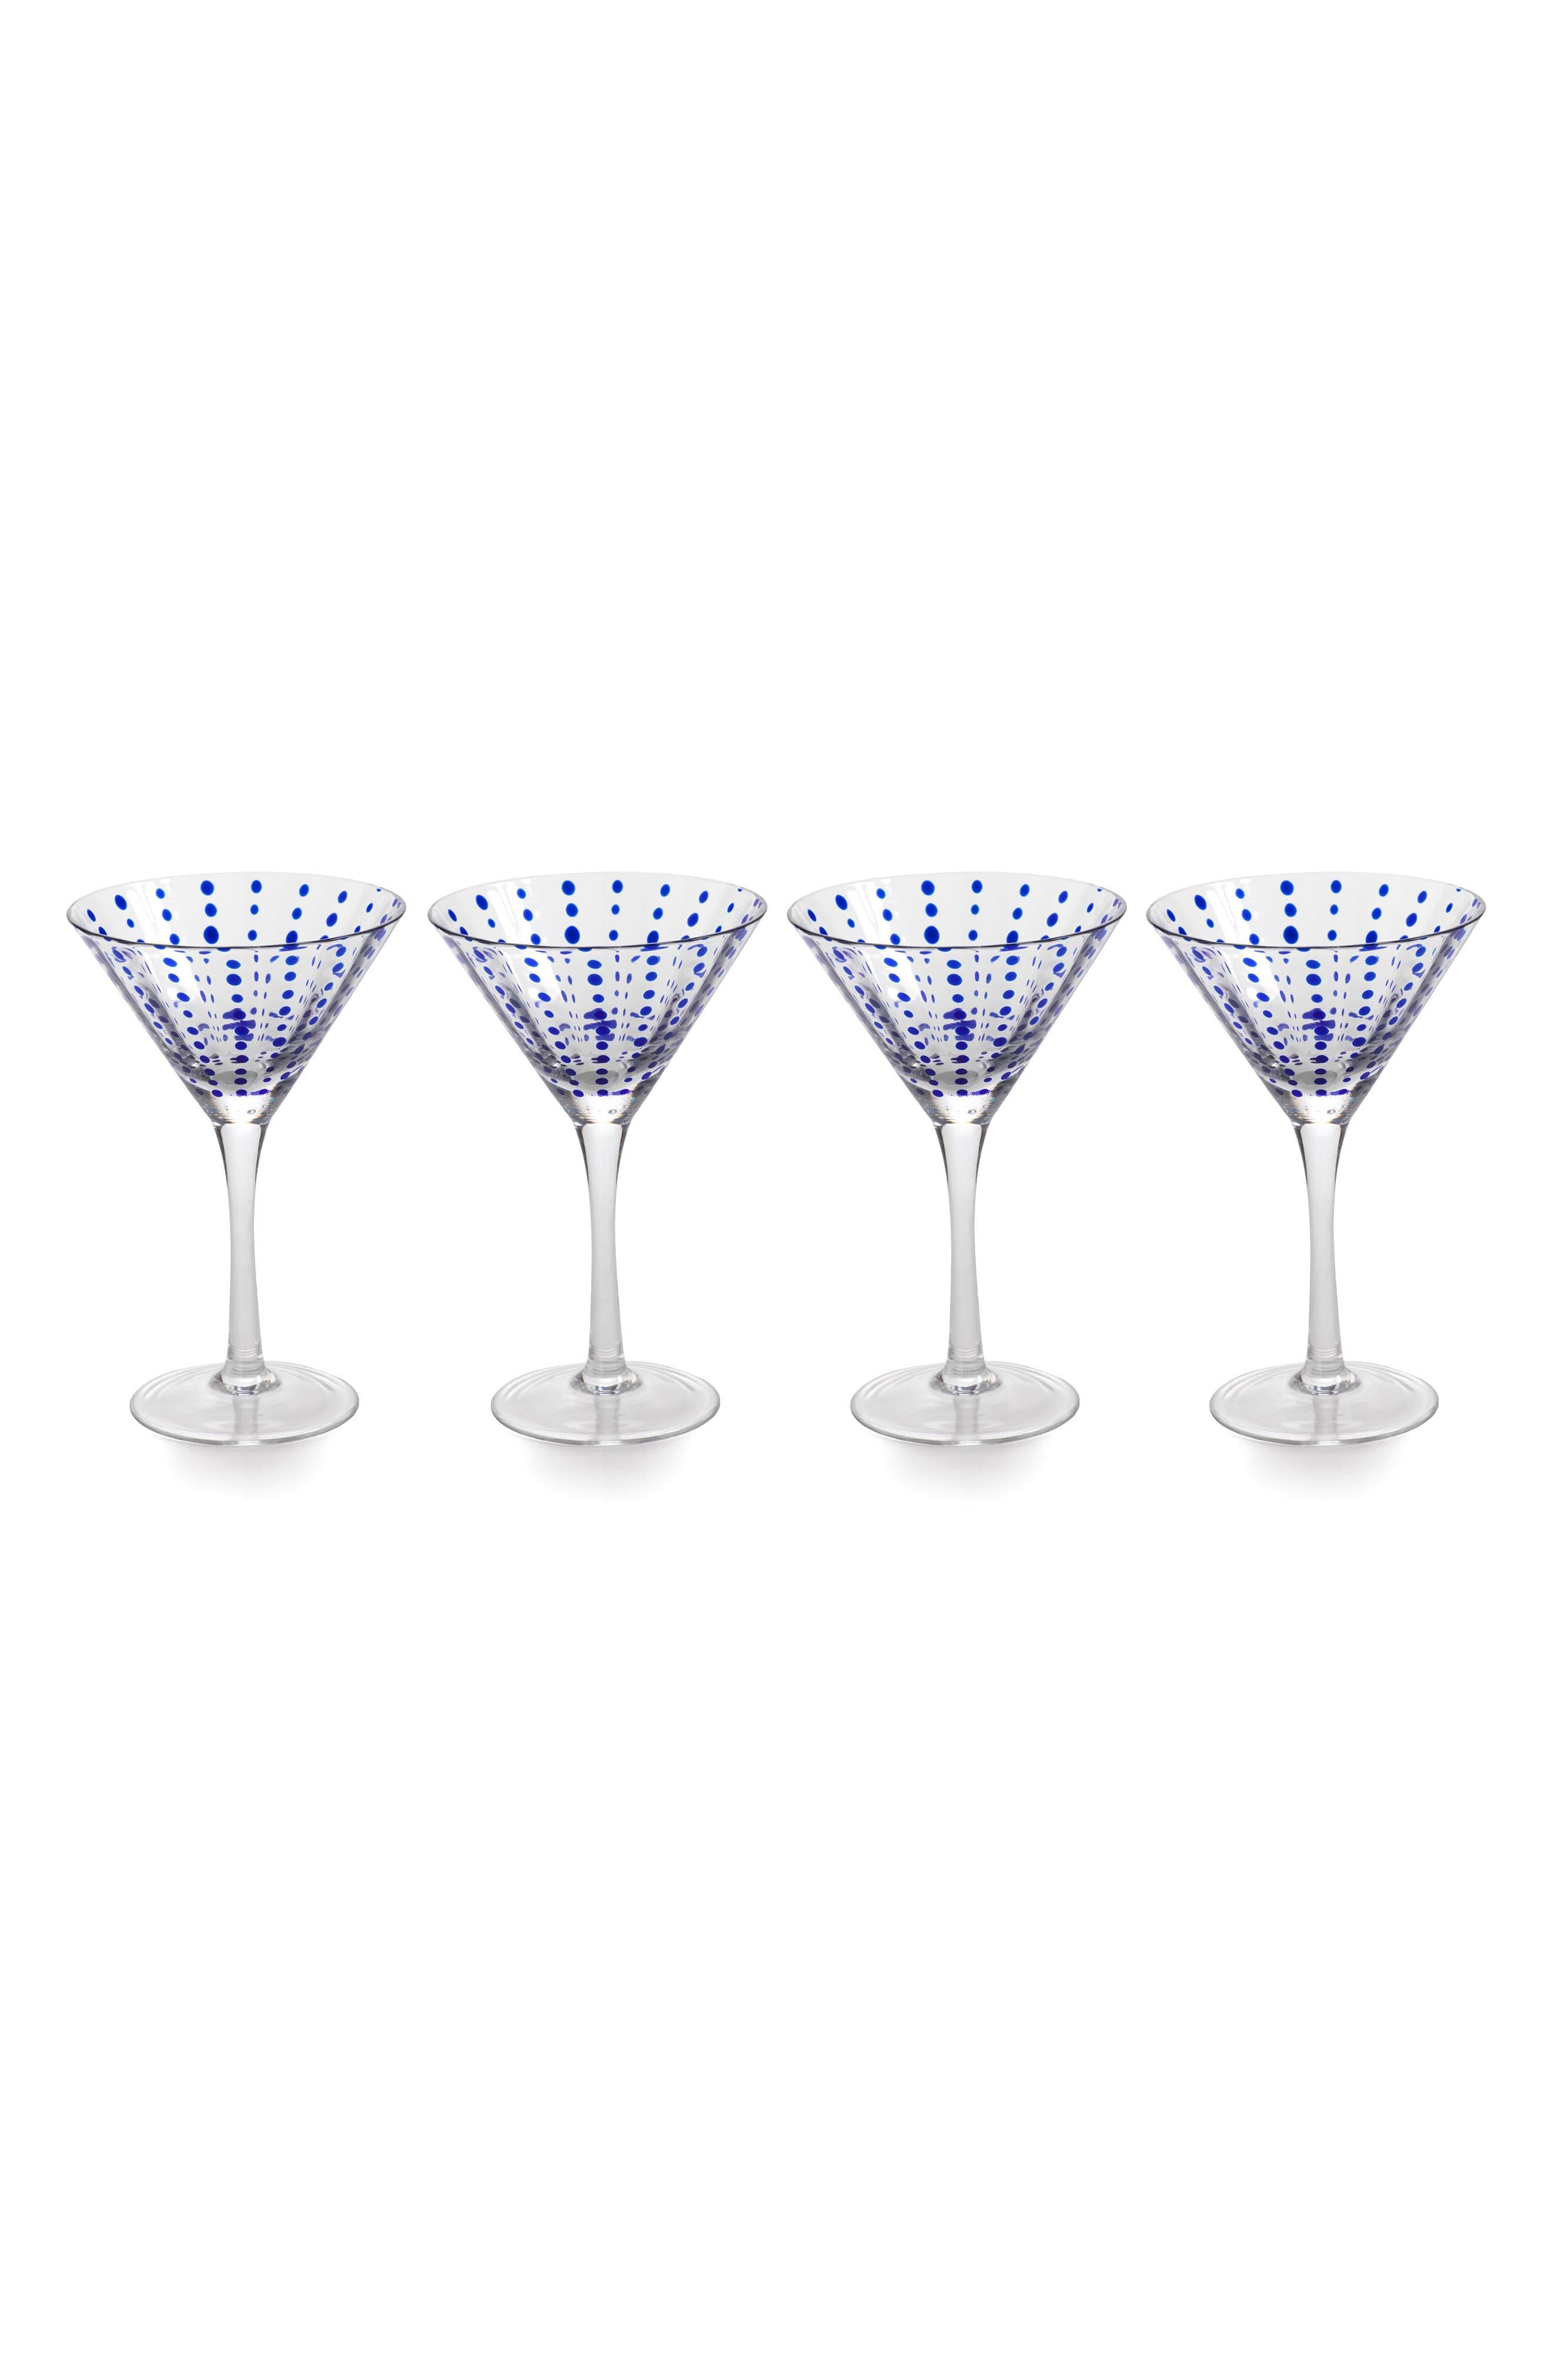 Mavi Set of 4 Martini Glasses,                             Main thumbnail 1, color,                             400